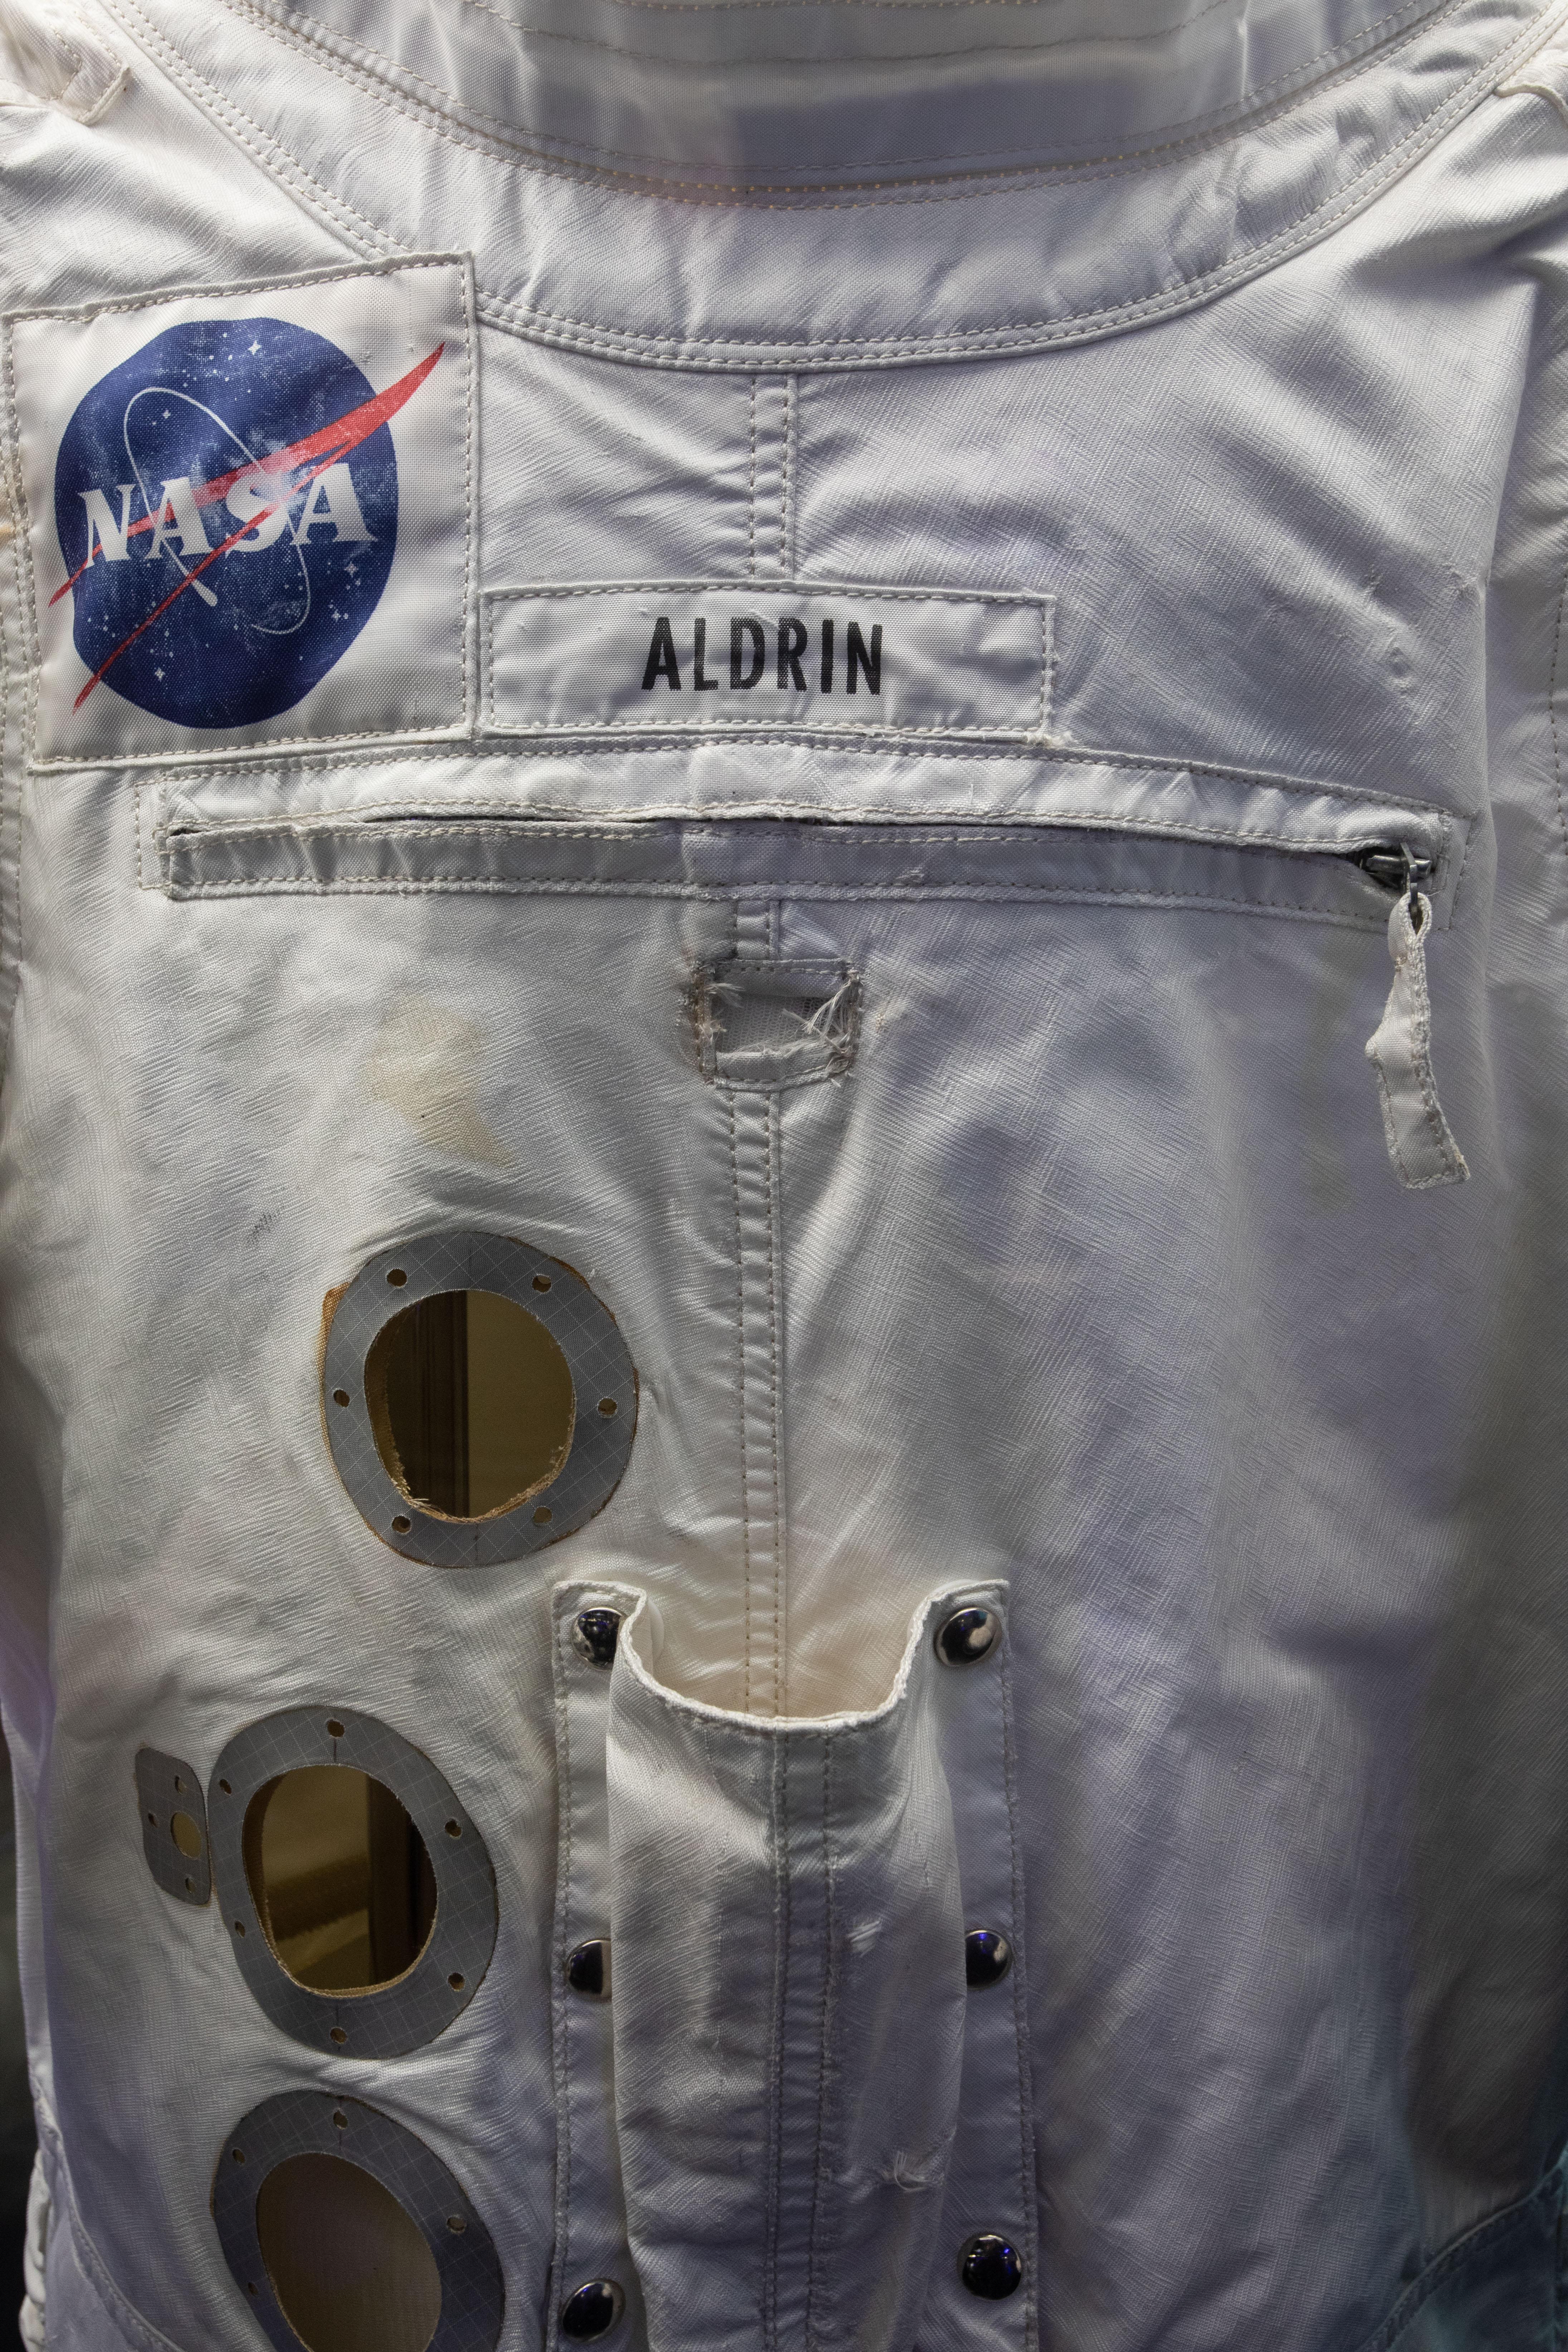 Detalhes de traje espacial mostram logotipo da Nasa e nome